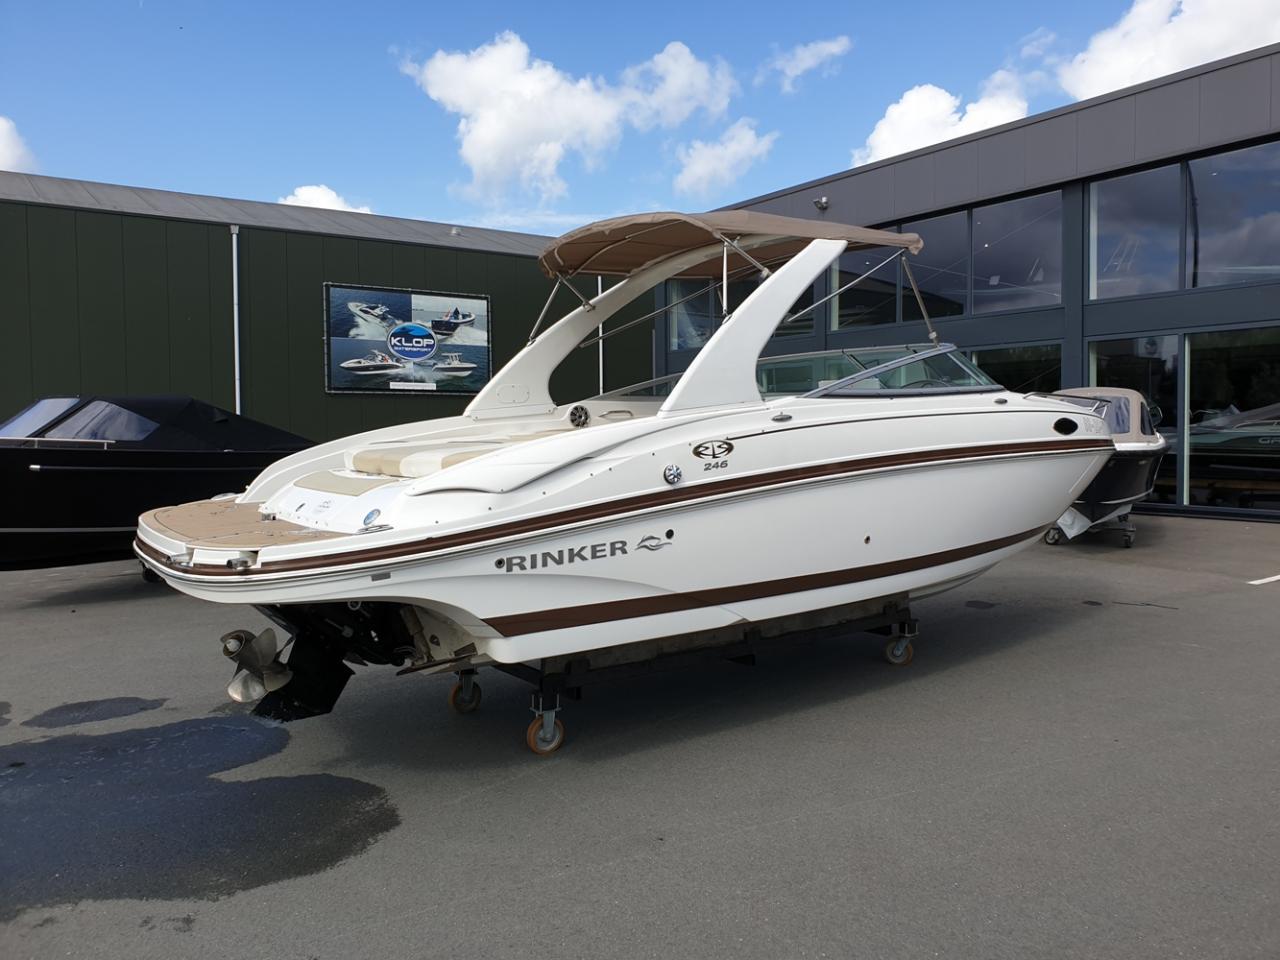 Rinker 246 speedboot met Mercruiser 5.7 MPI V8 300 pk! 4